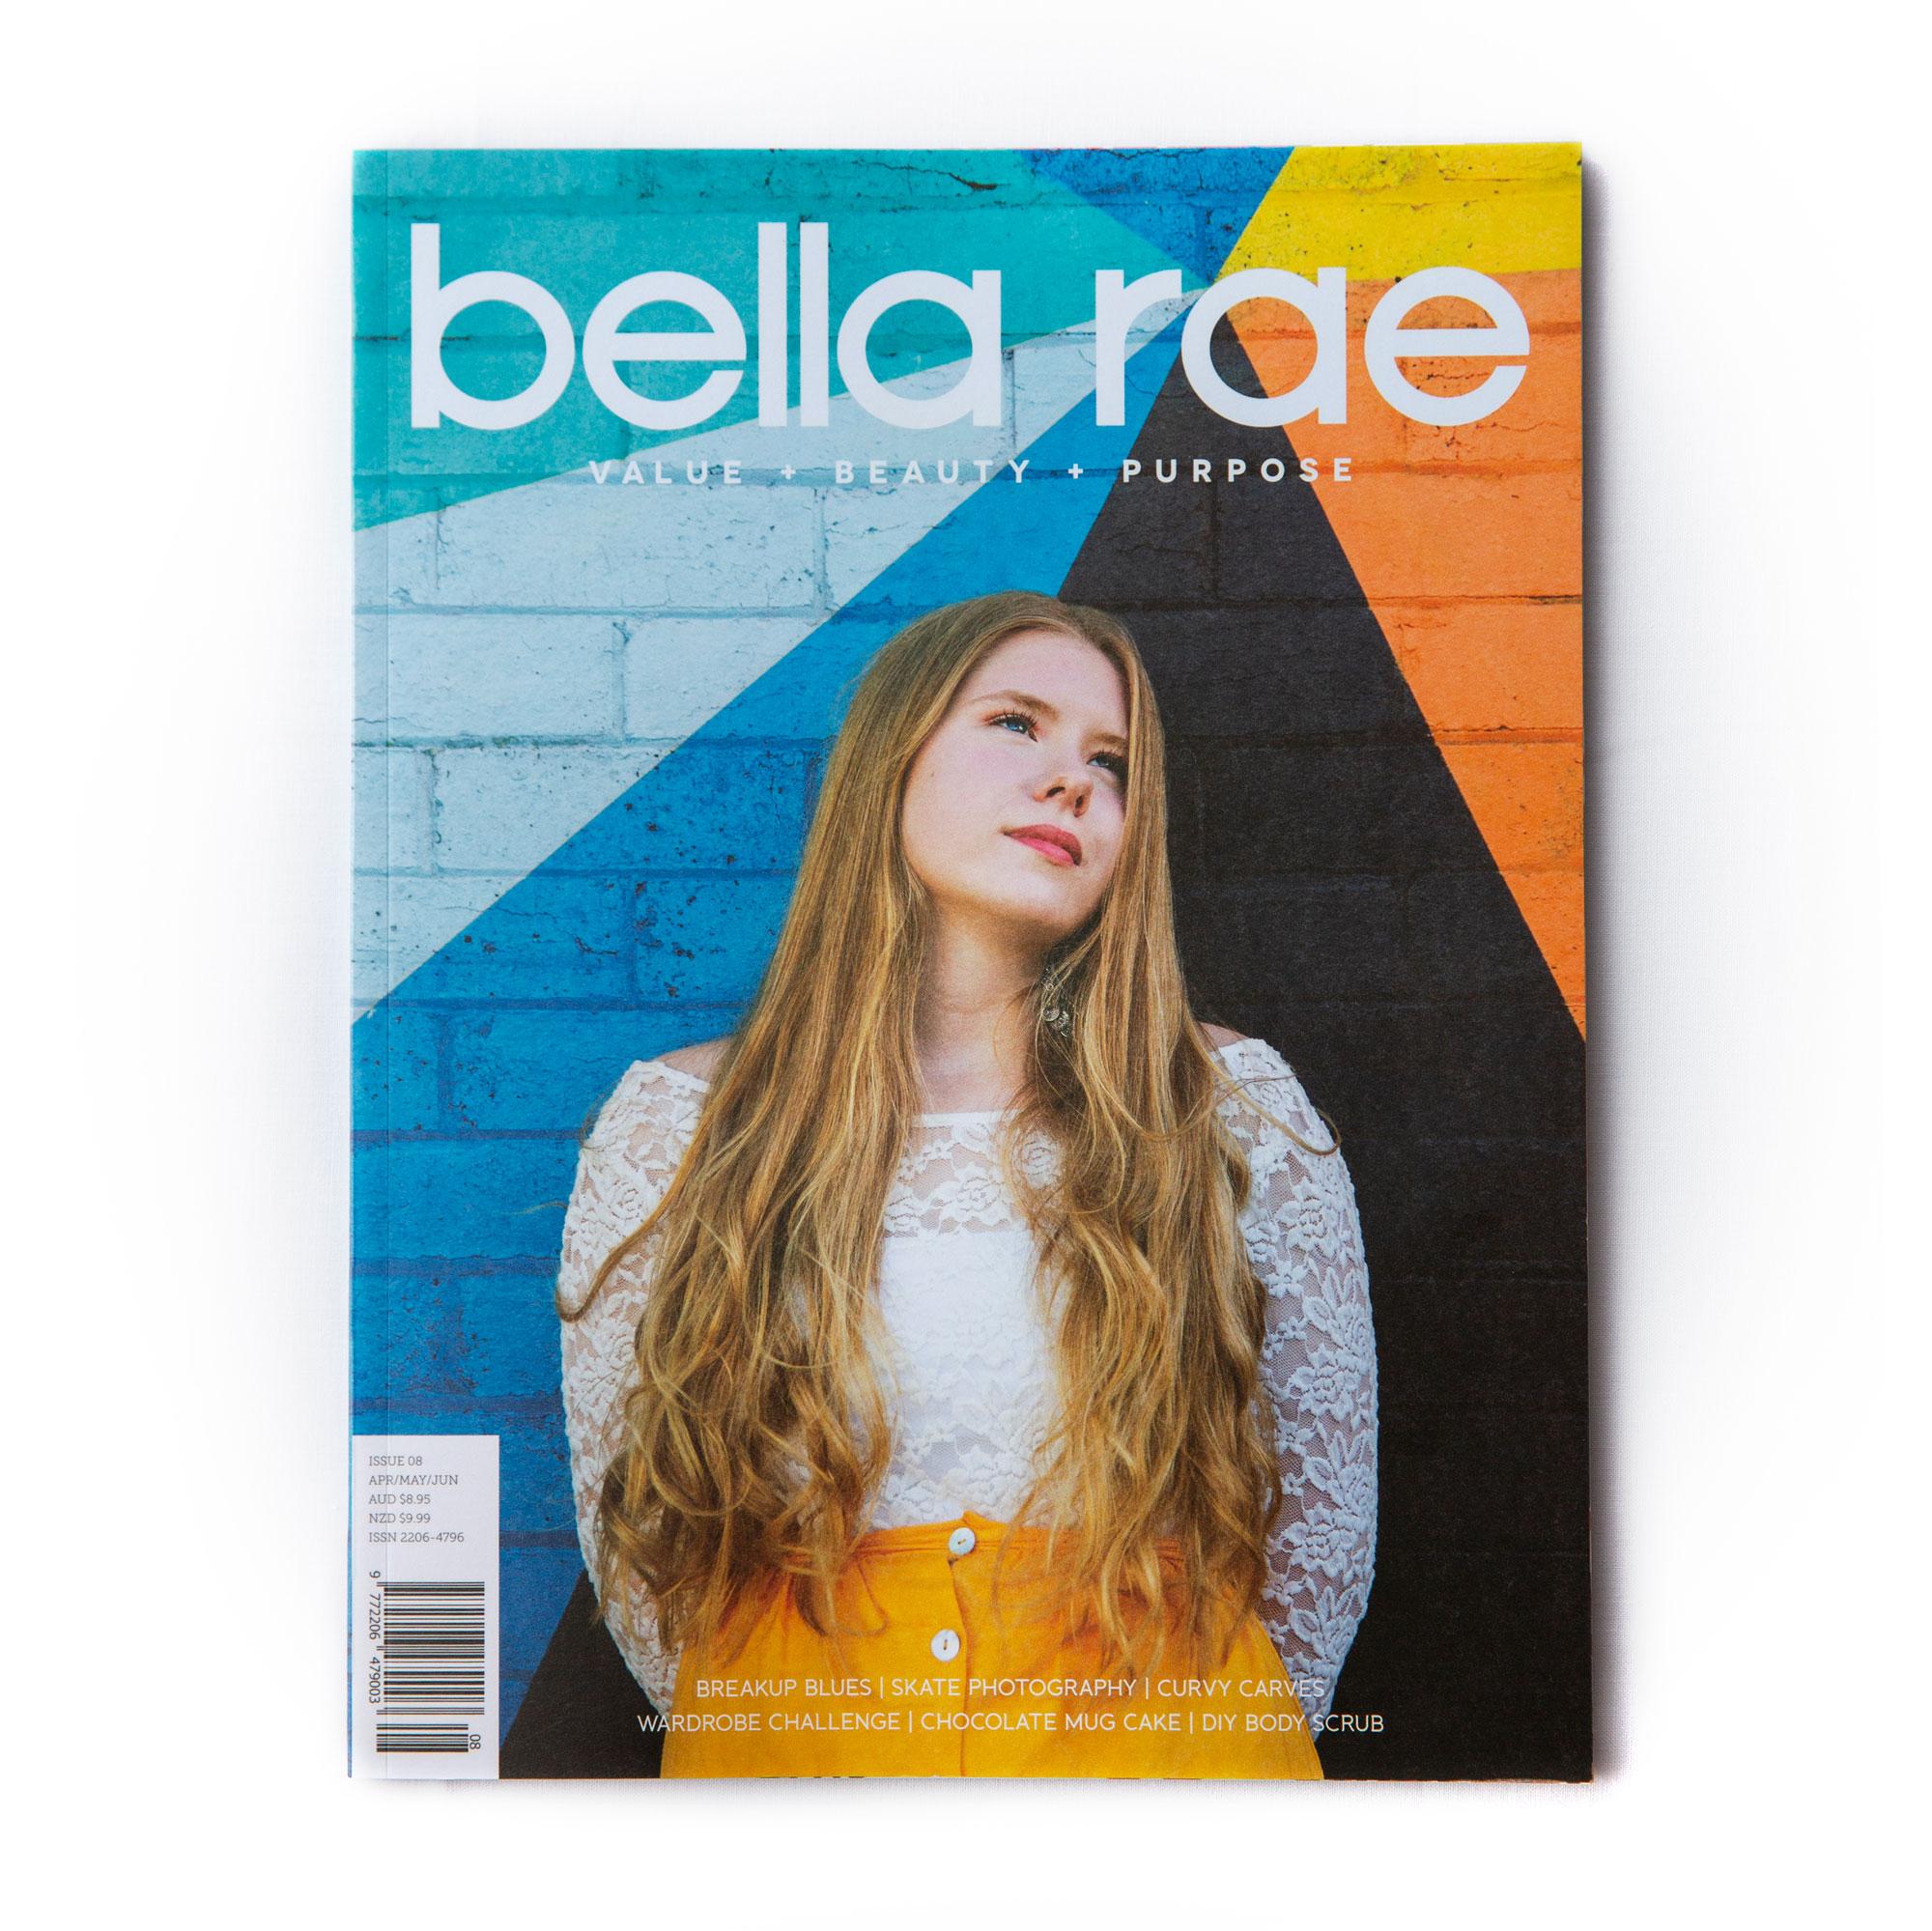 bellarae08